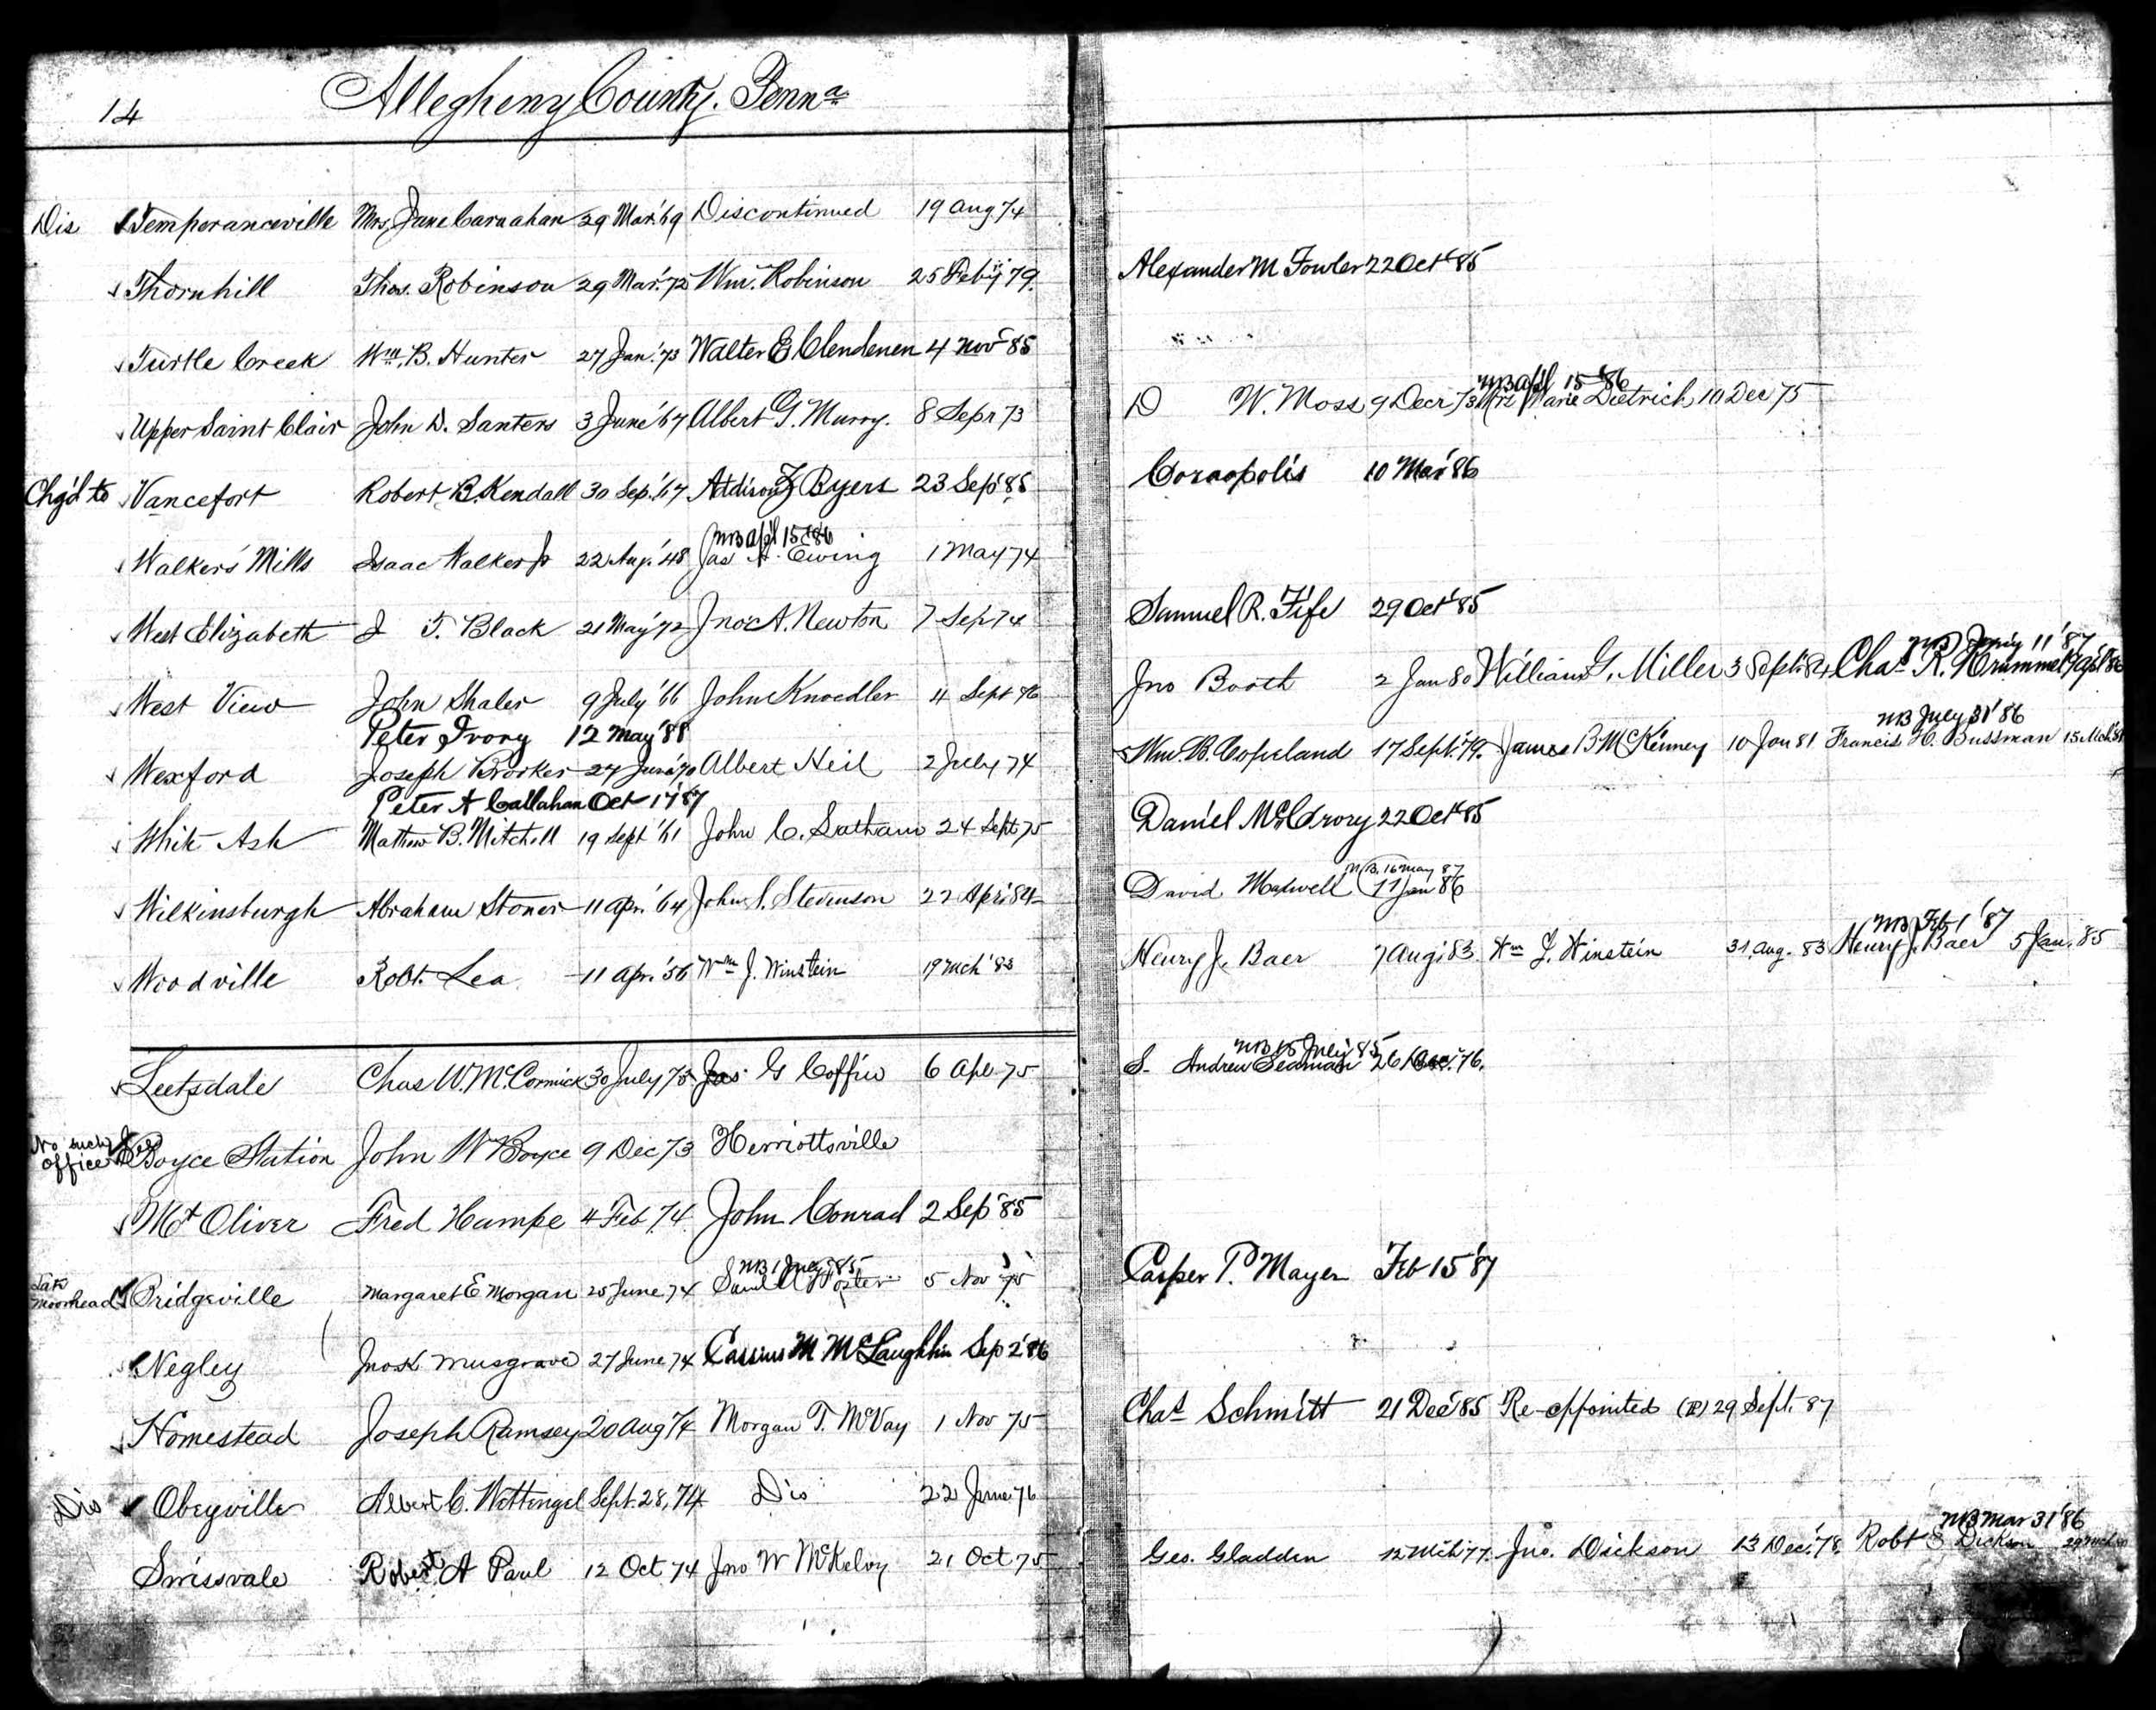 1867-1886 Vancefort Postmasters, Appointments of U. S. Postmasters, 1832-1971